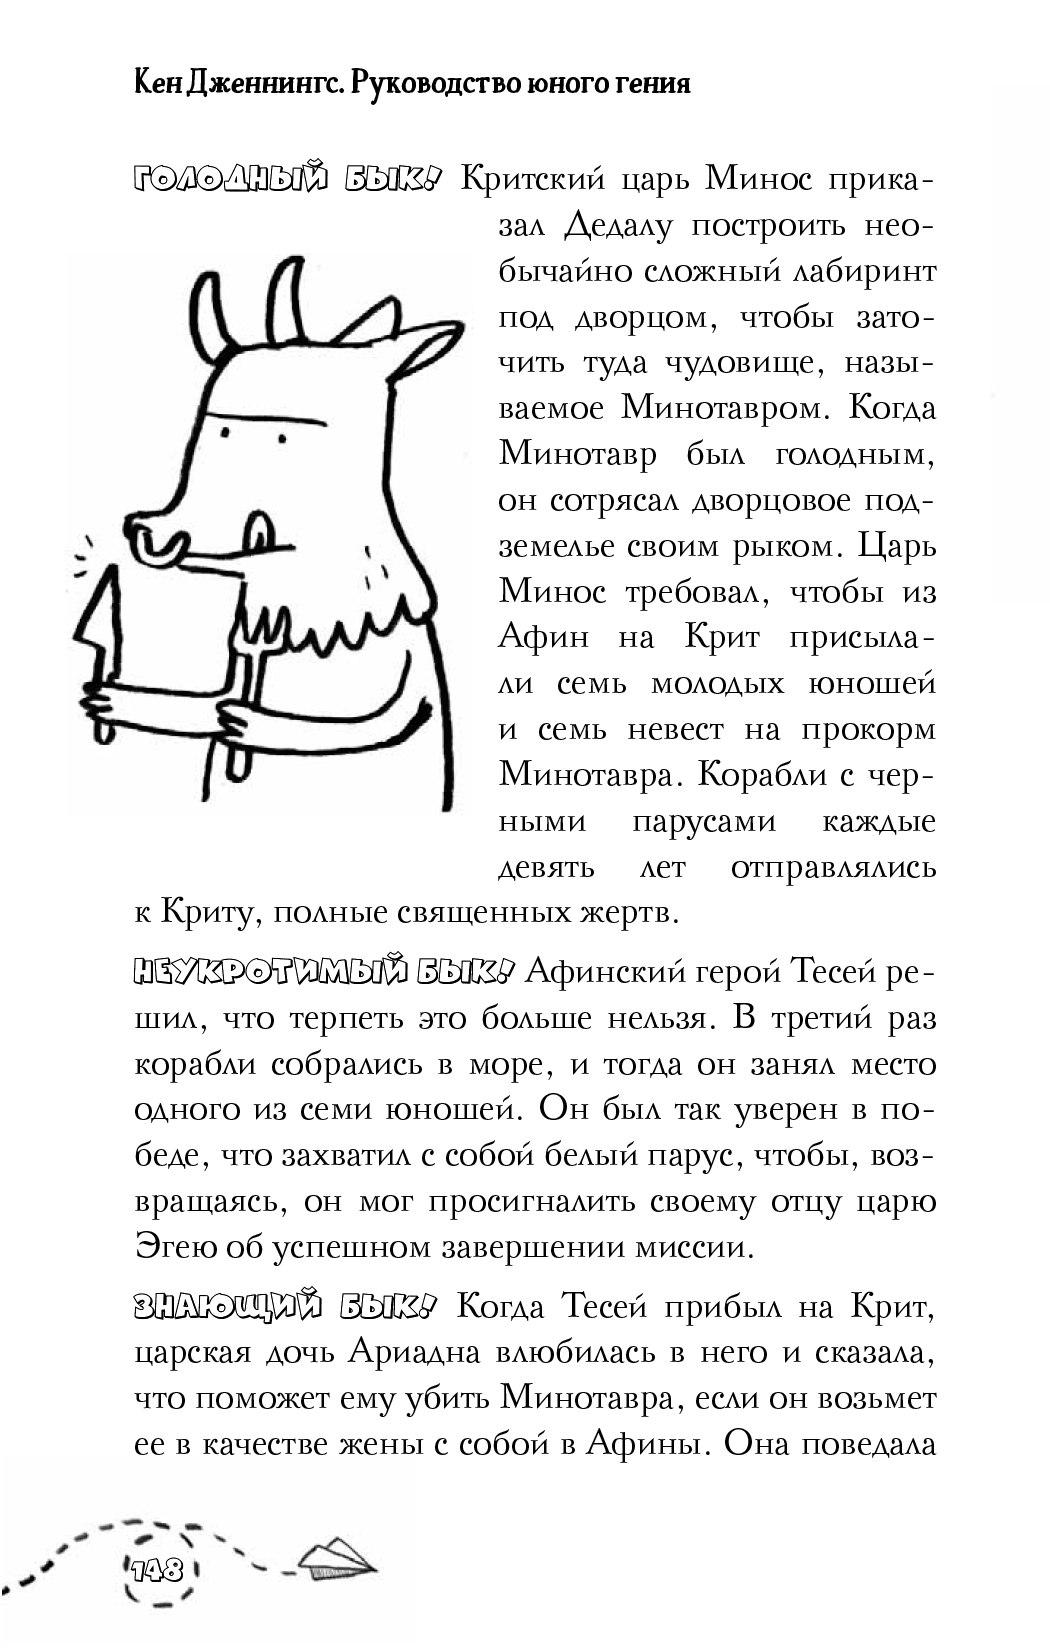 Кен Дженнингс Греческие мифы